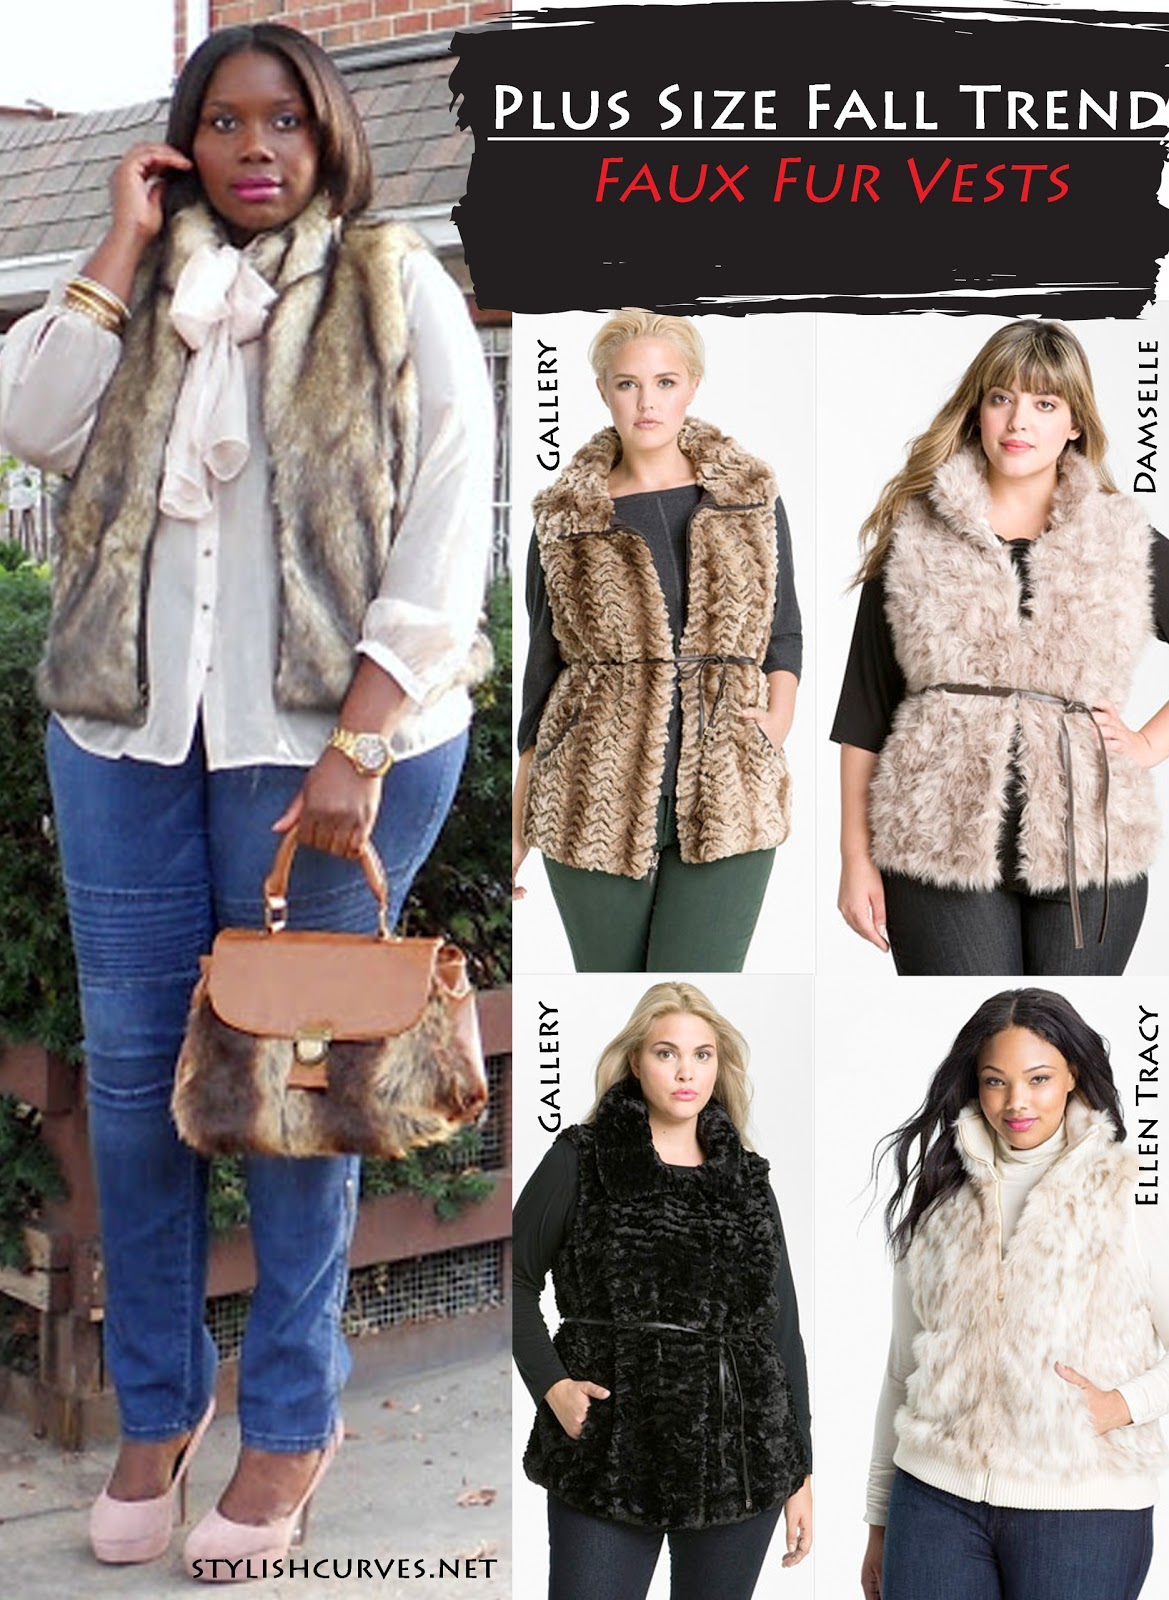 plus size fur vest fall trend: plus size faux fur vests bylisqt